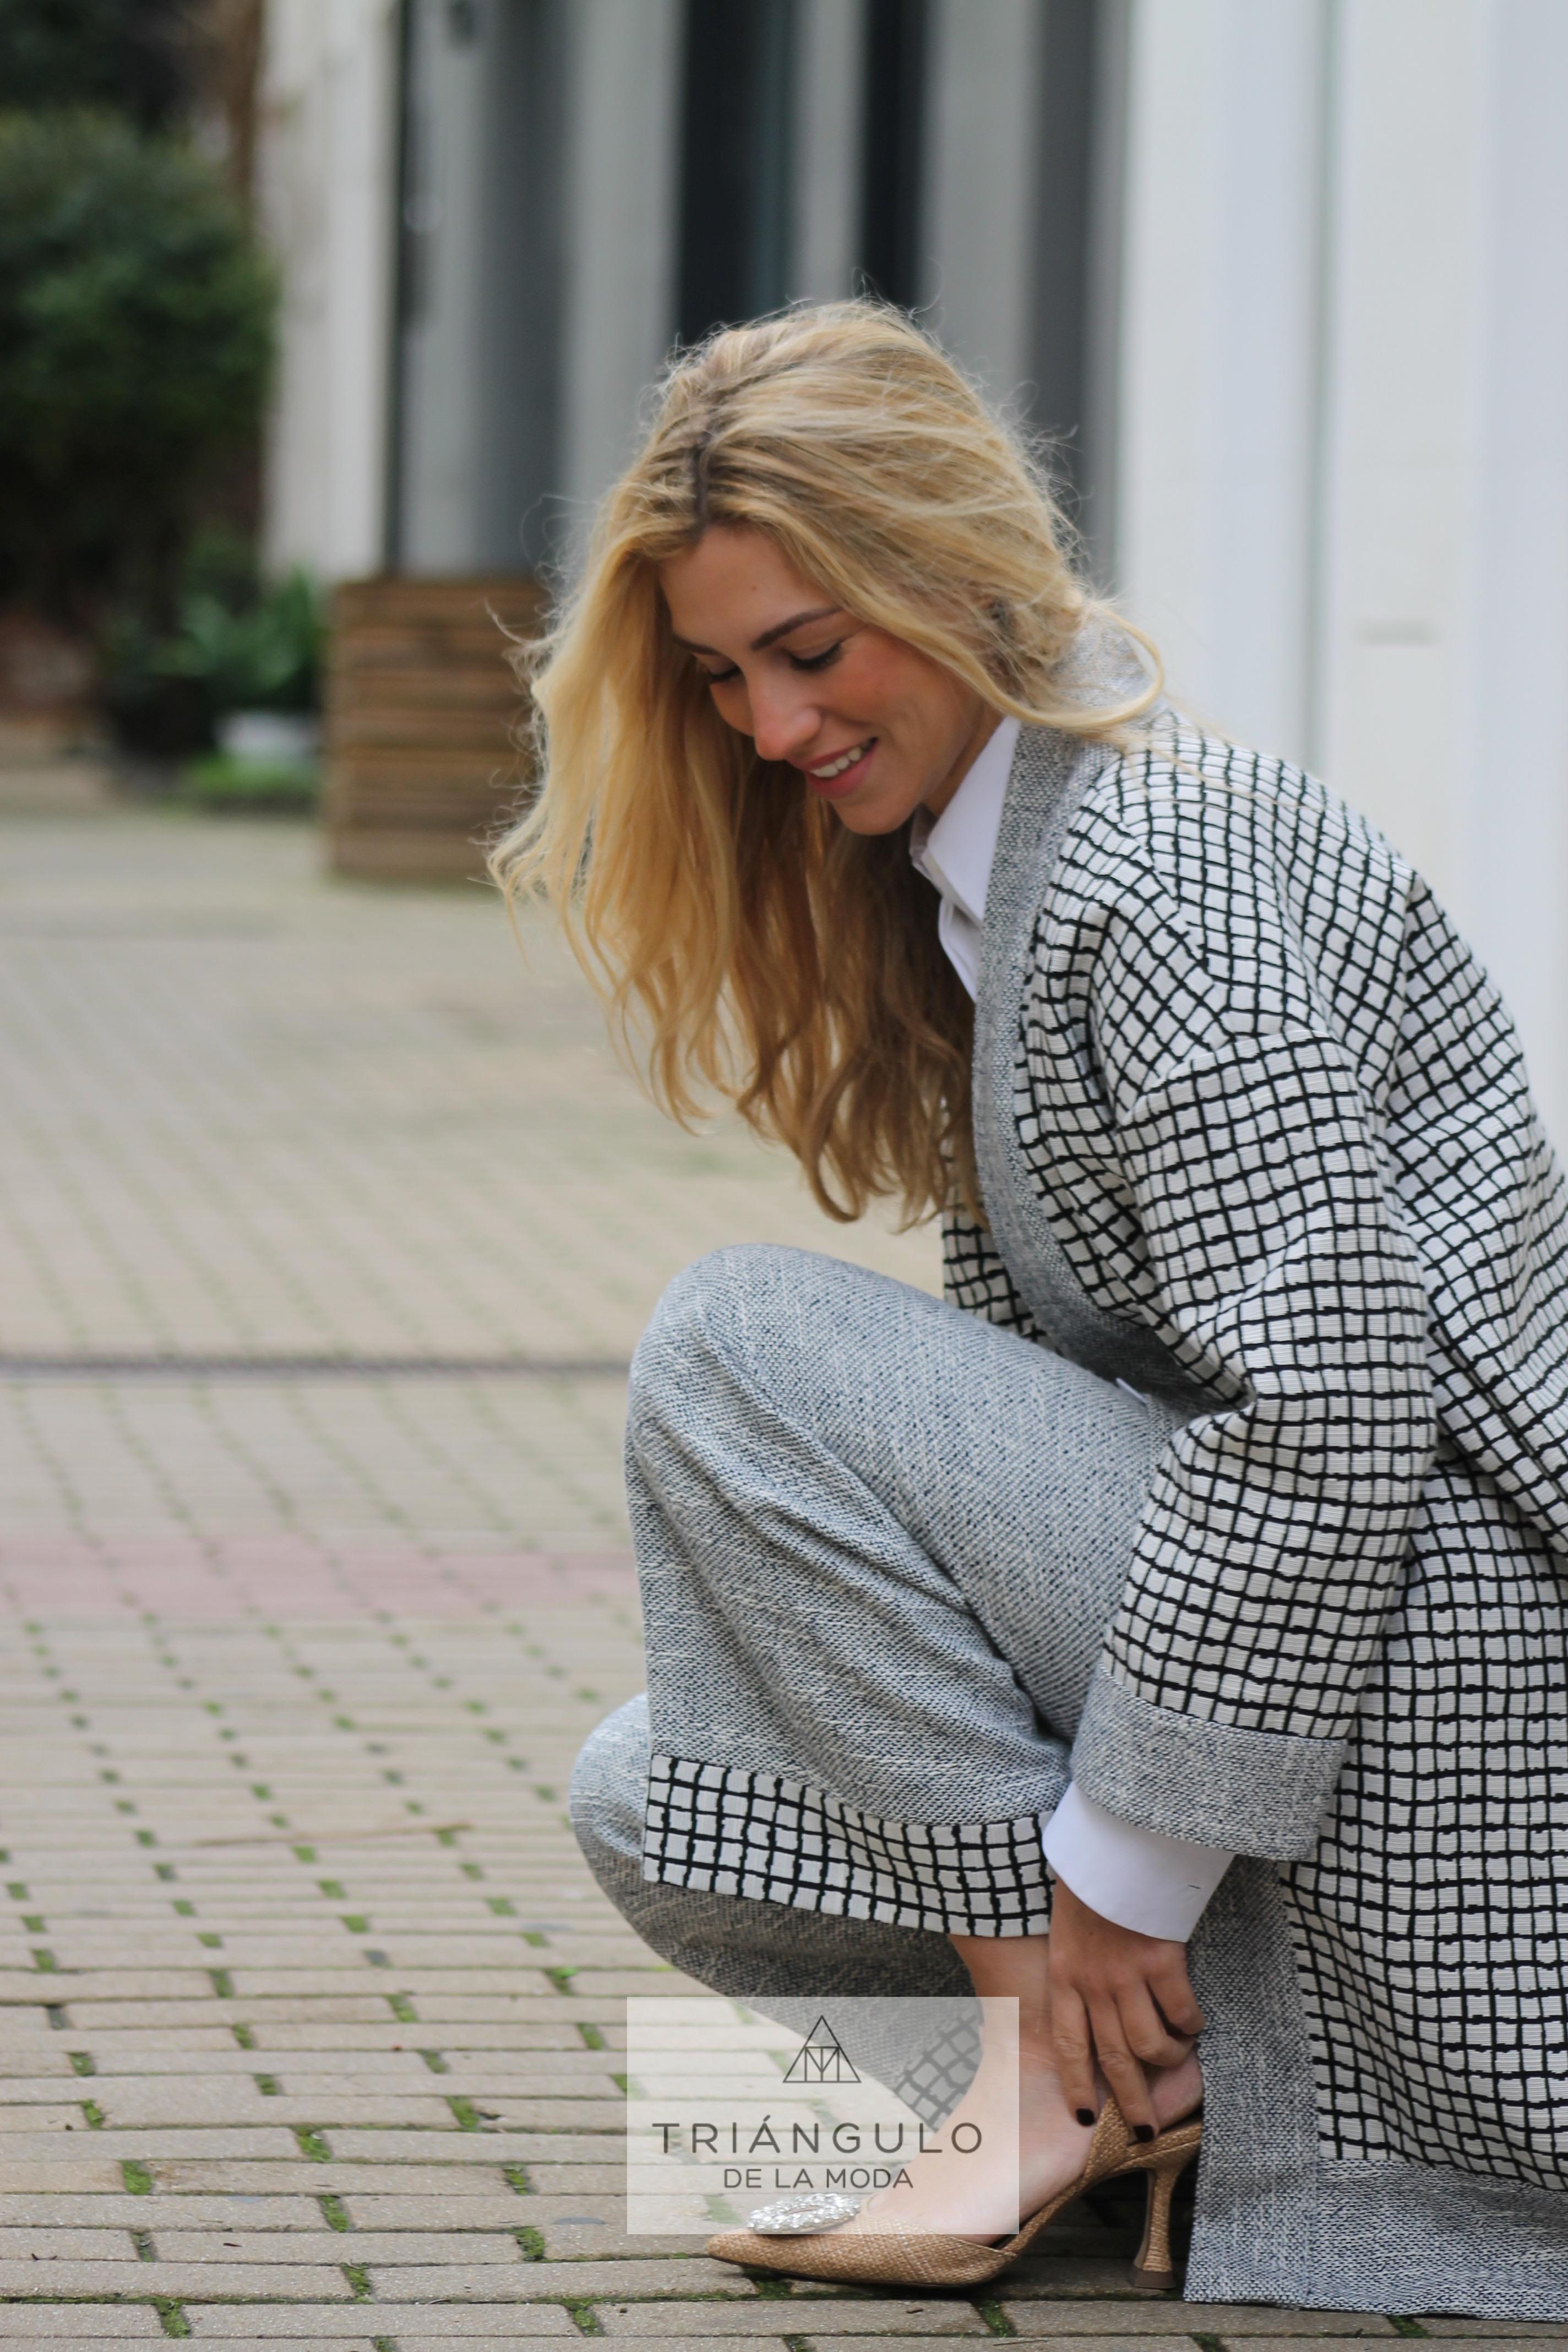 Tienda online del Triangulo de la Moda Pantalón AG007